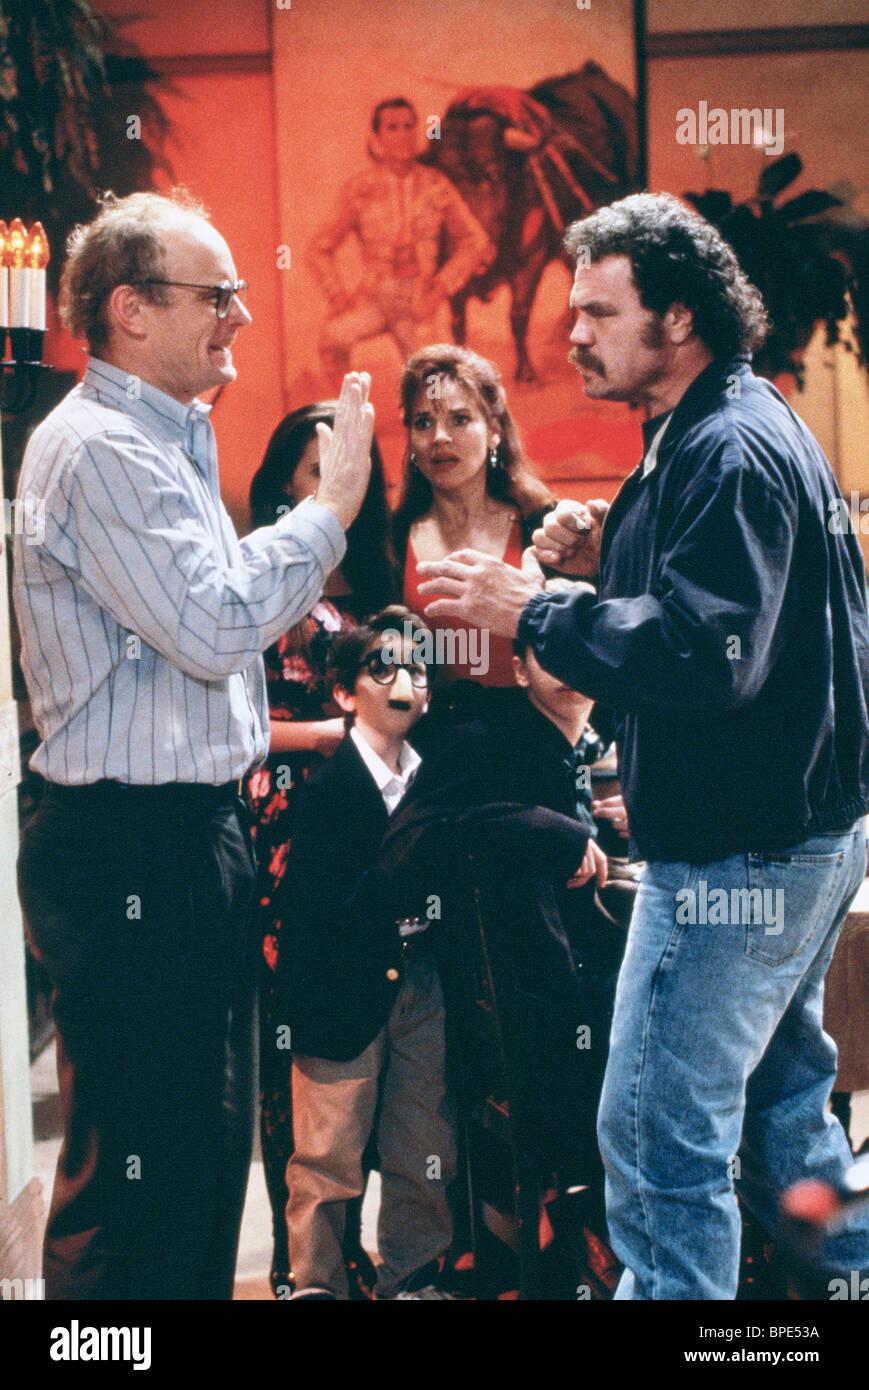 MATT FREWER SHAKY GROUND (1992) - Stock Image